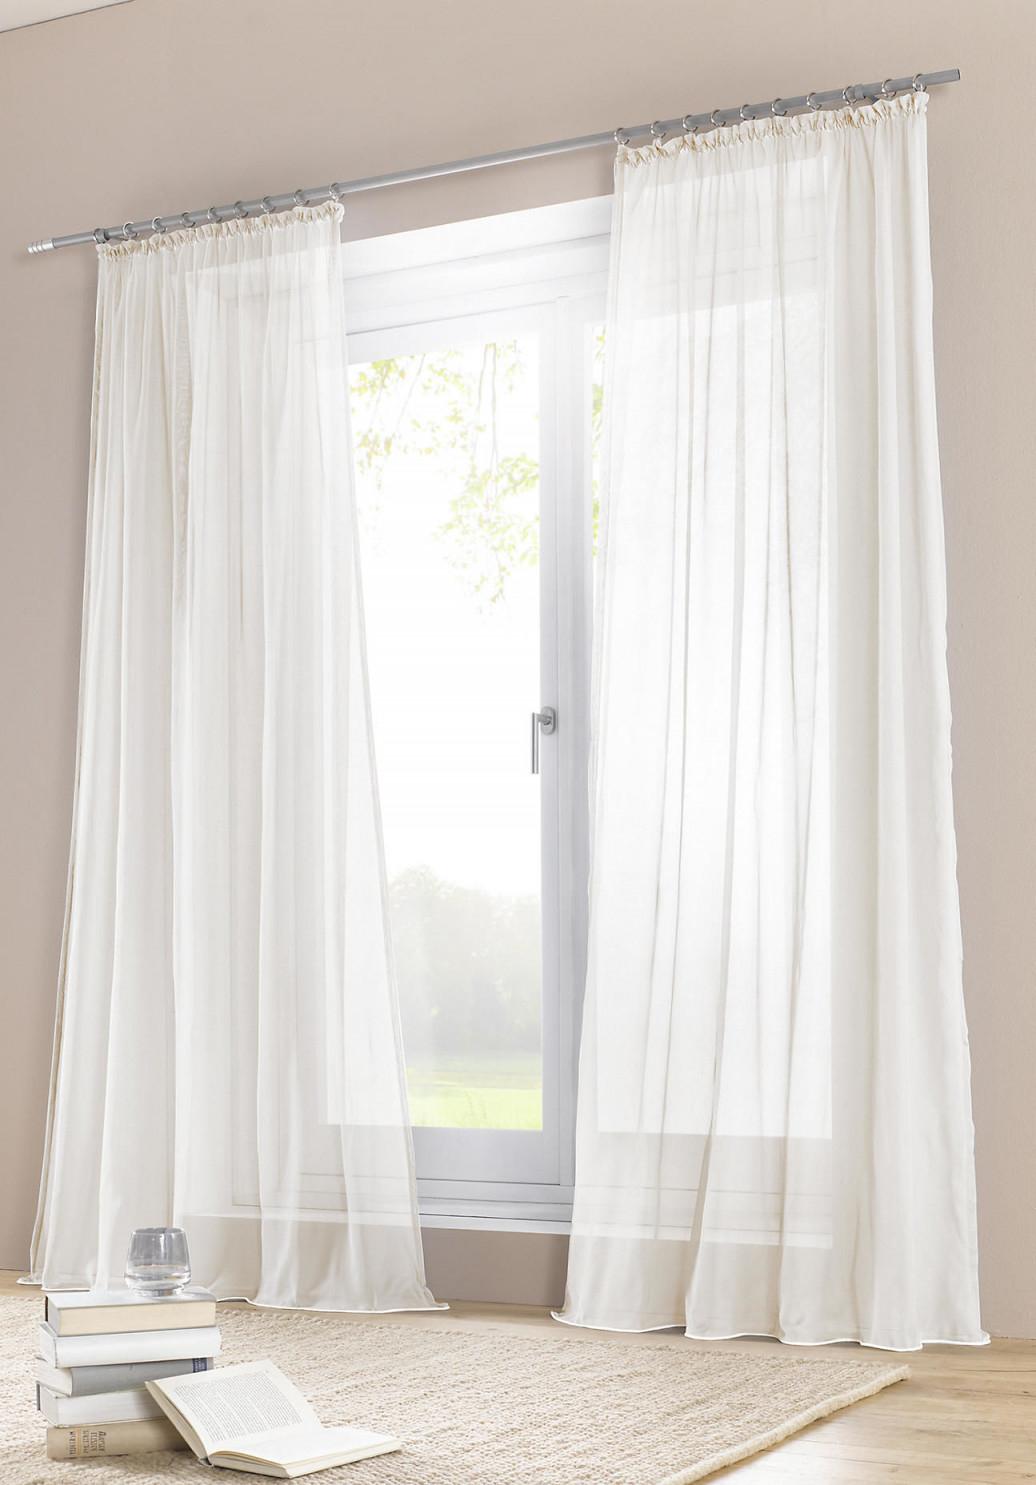 Die Schönsten Ideen Für Vorhänge  Gardinen von Stylische Gardinen Wohnzimmer Photo